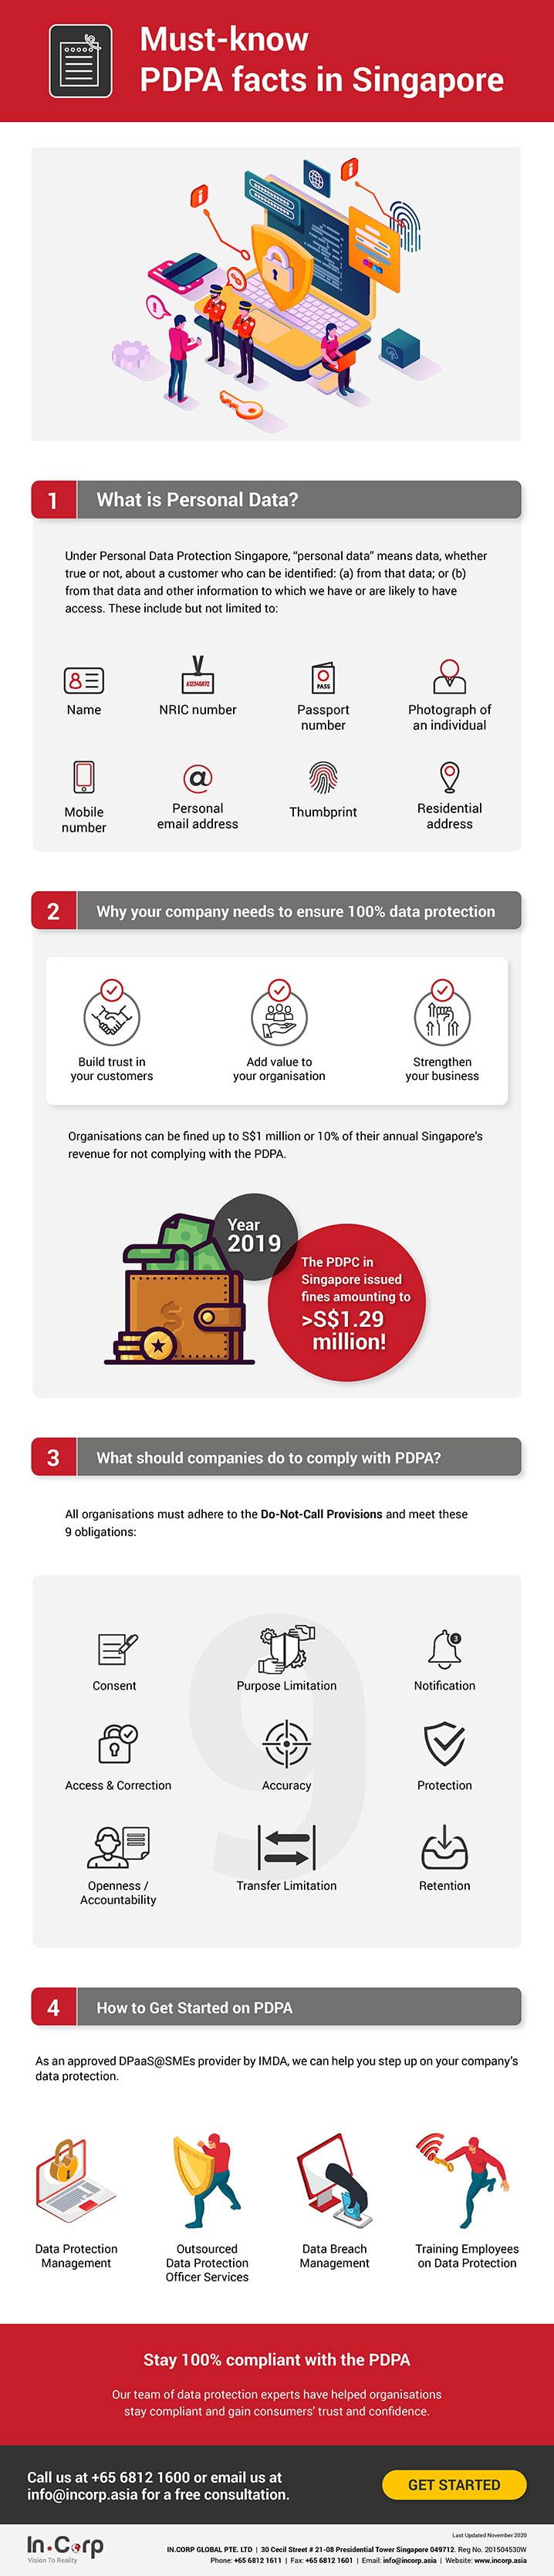 PDPA Singapore Facts 2020